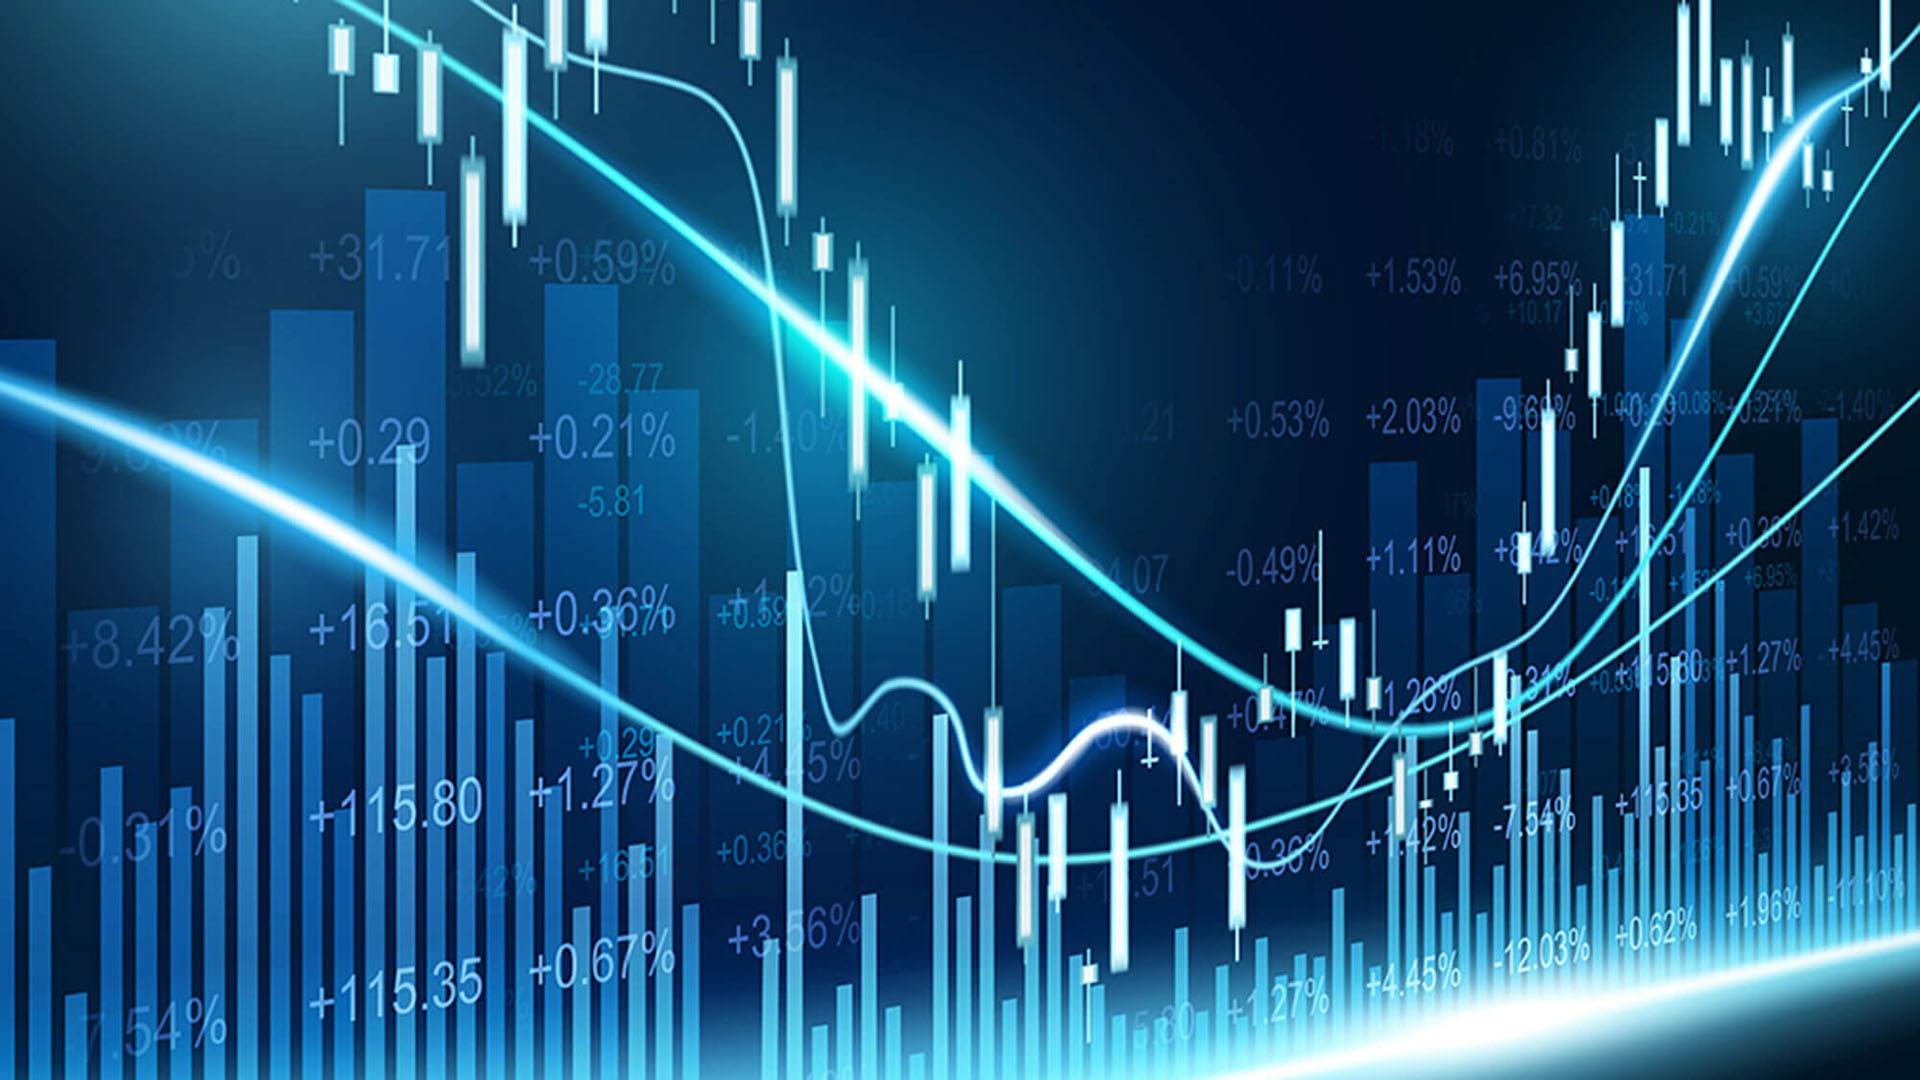 Ảnh nền chủ đề kinh tế cho PowerPoint